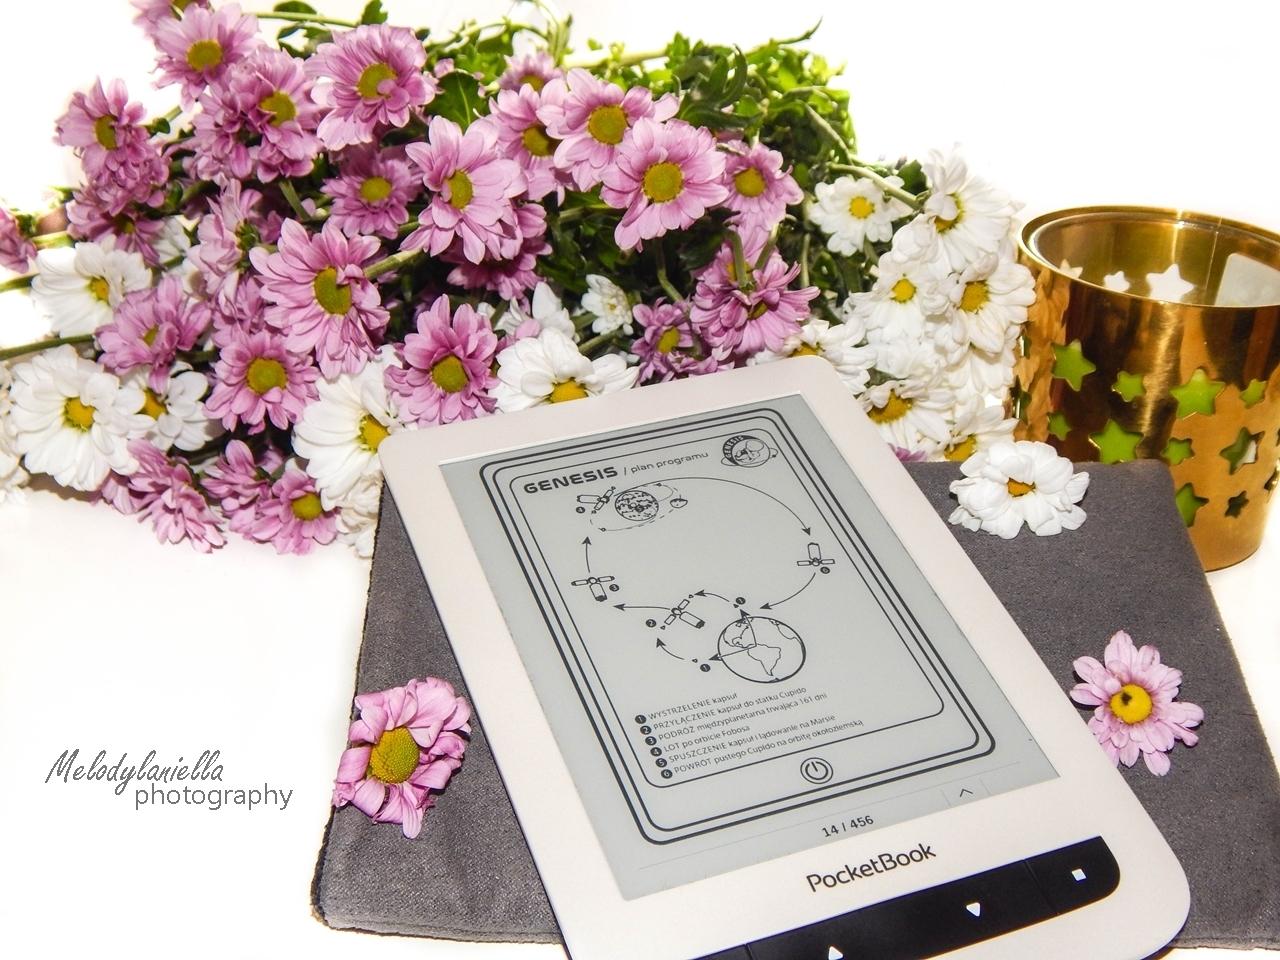 fobos czytnik ksiazka kawiaty melodylaniella wydawnictwo otwarte recenzja pocket book fobos home